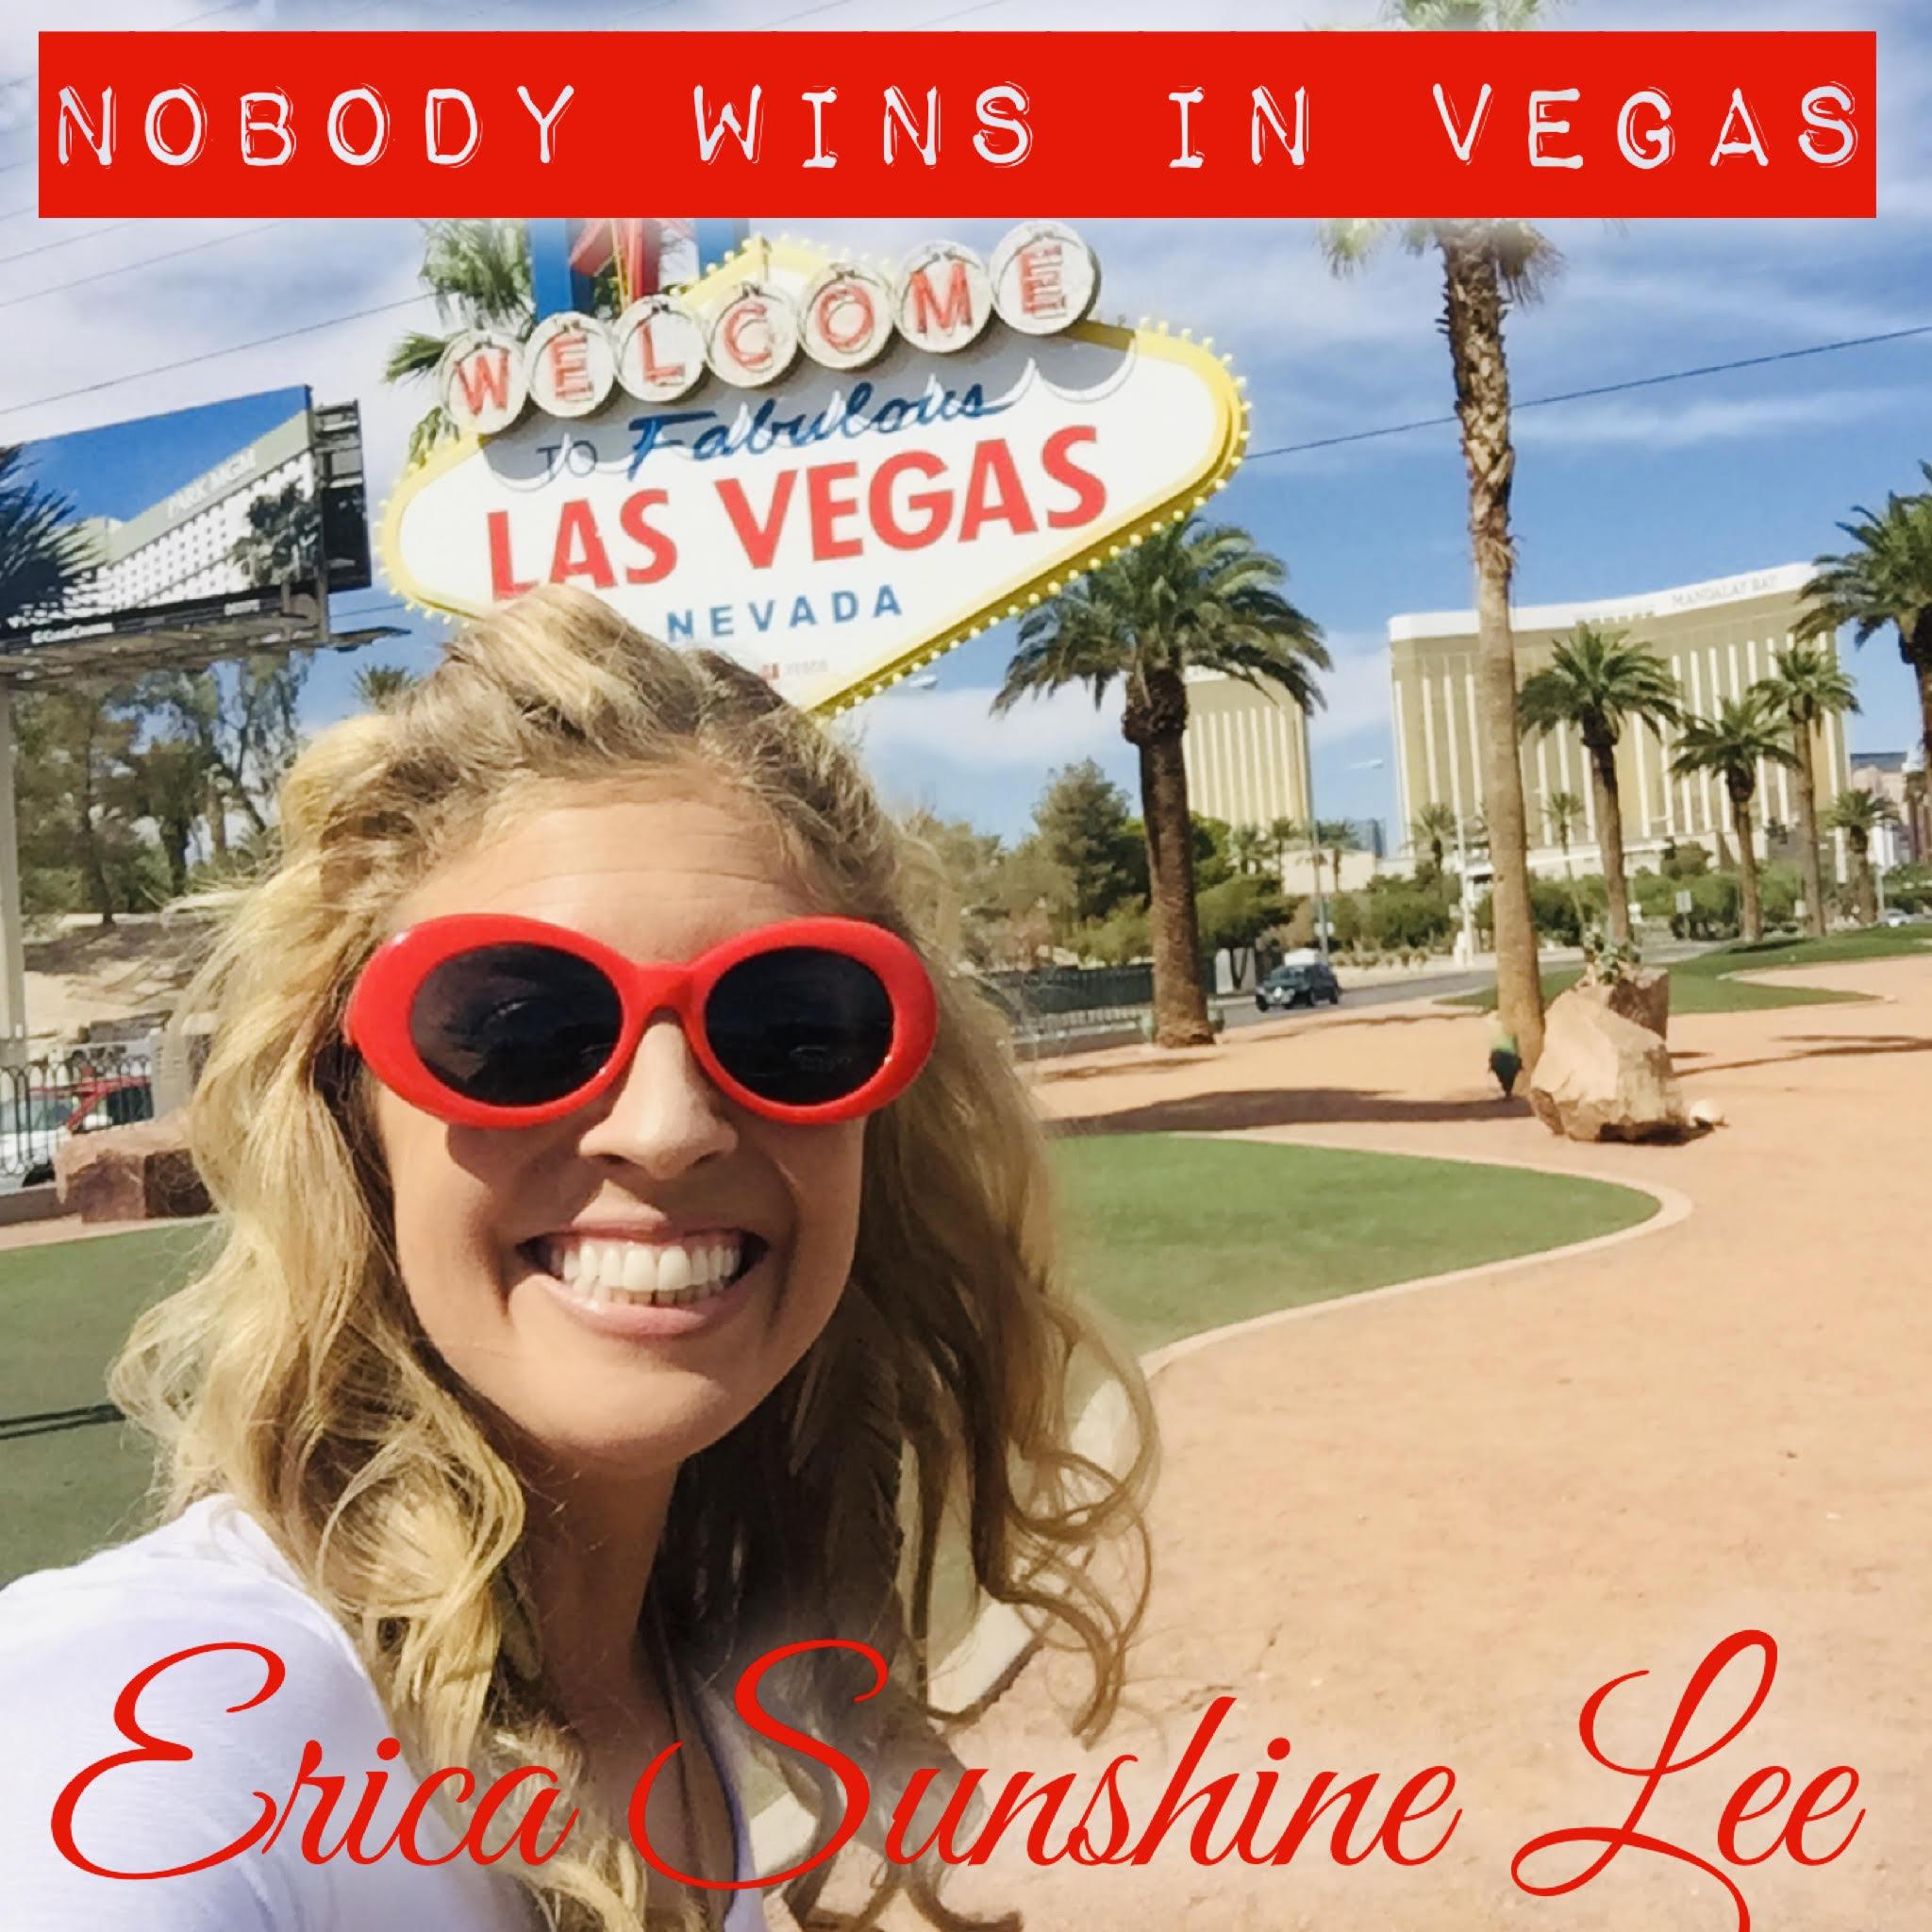 Nobody Wins In Vegas - Erica Sunshine Lee itunes album cover.jpg